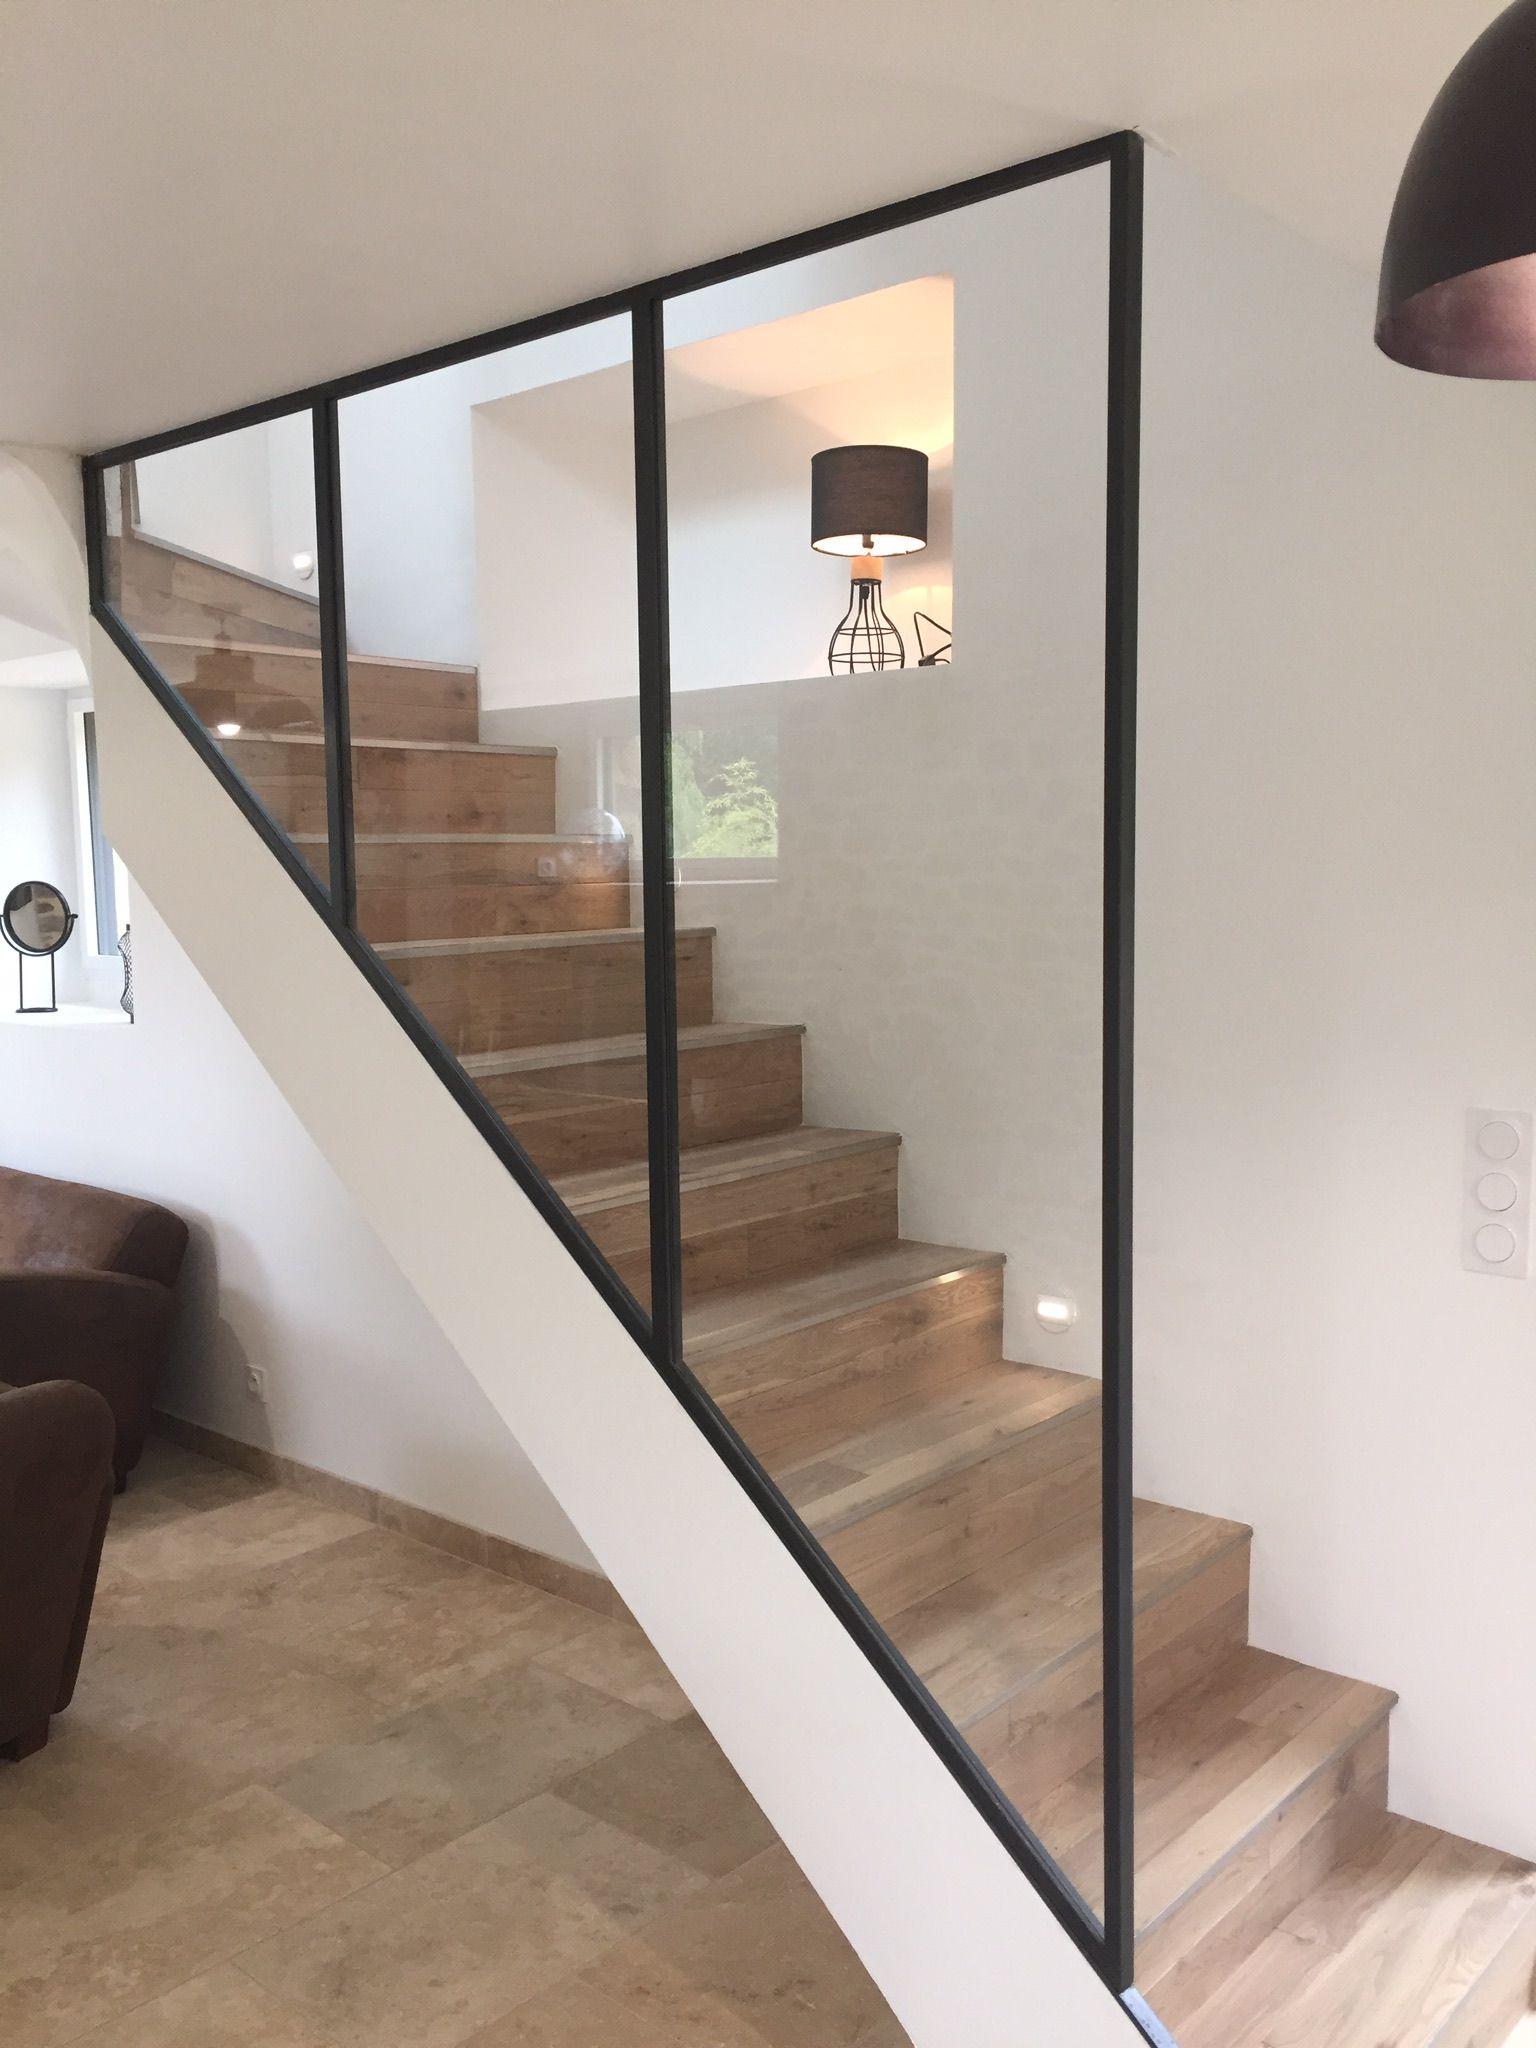 verri re acier brut sur escalier b ton recouvert de lames de parquet fabriqu bignan. Black Bedroom Furniture Sets. Home Design Ideas